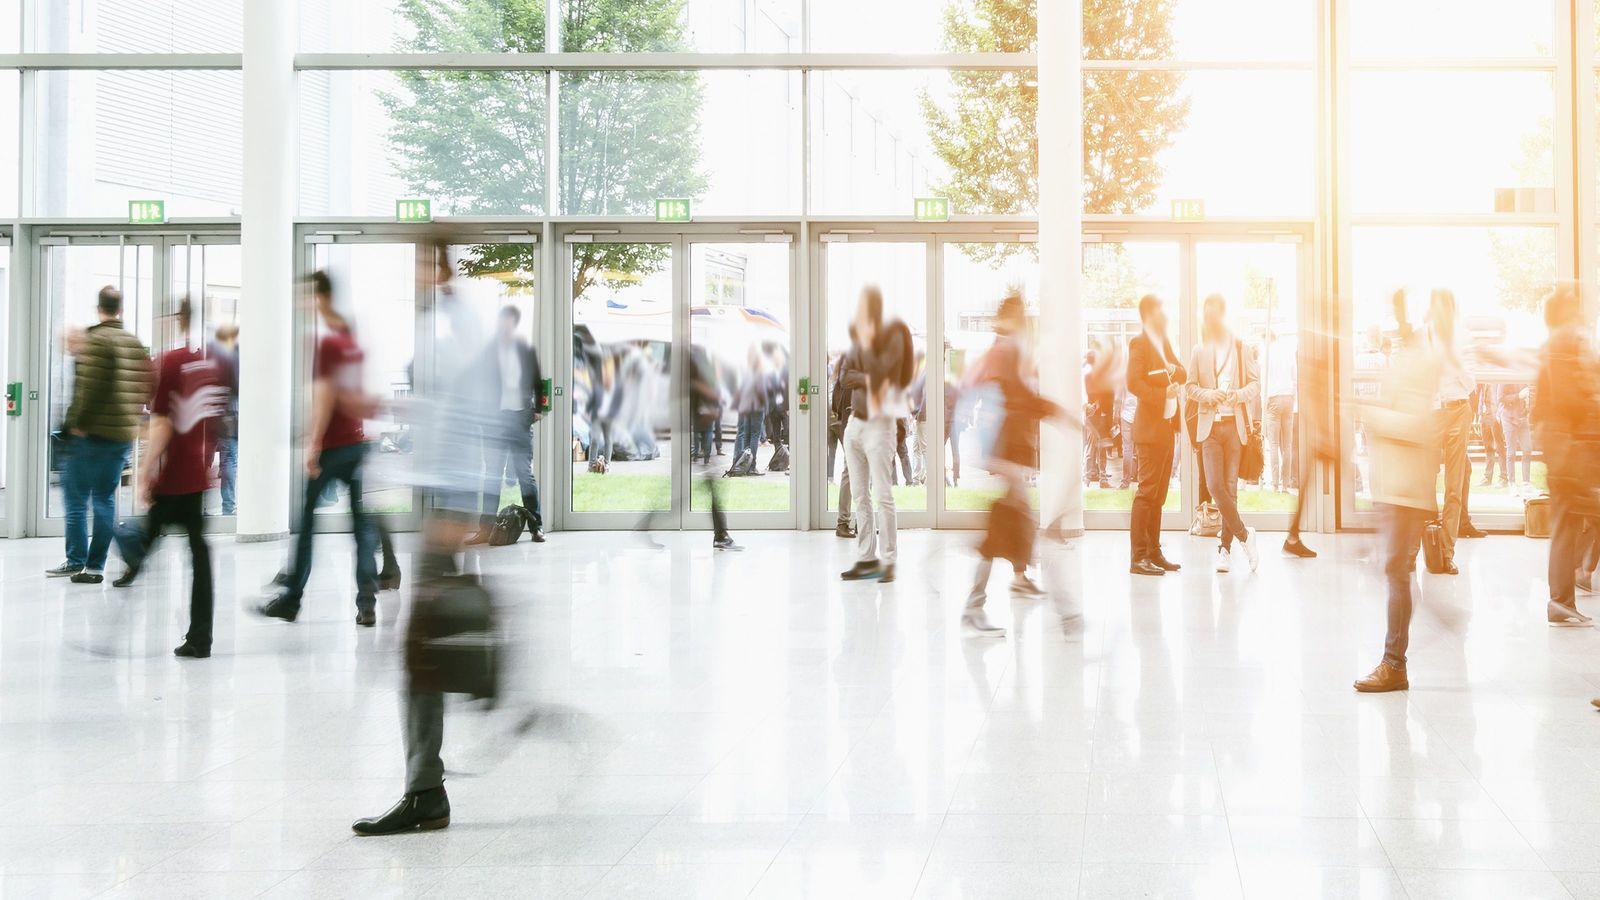 なぜ派遣会社の「時給ピンハネ」が許されるのか 直接雇用より安心して働ける現実